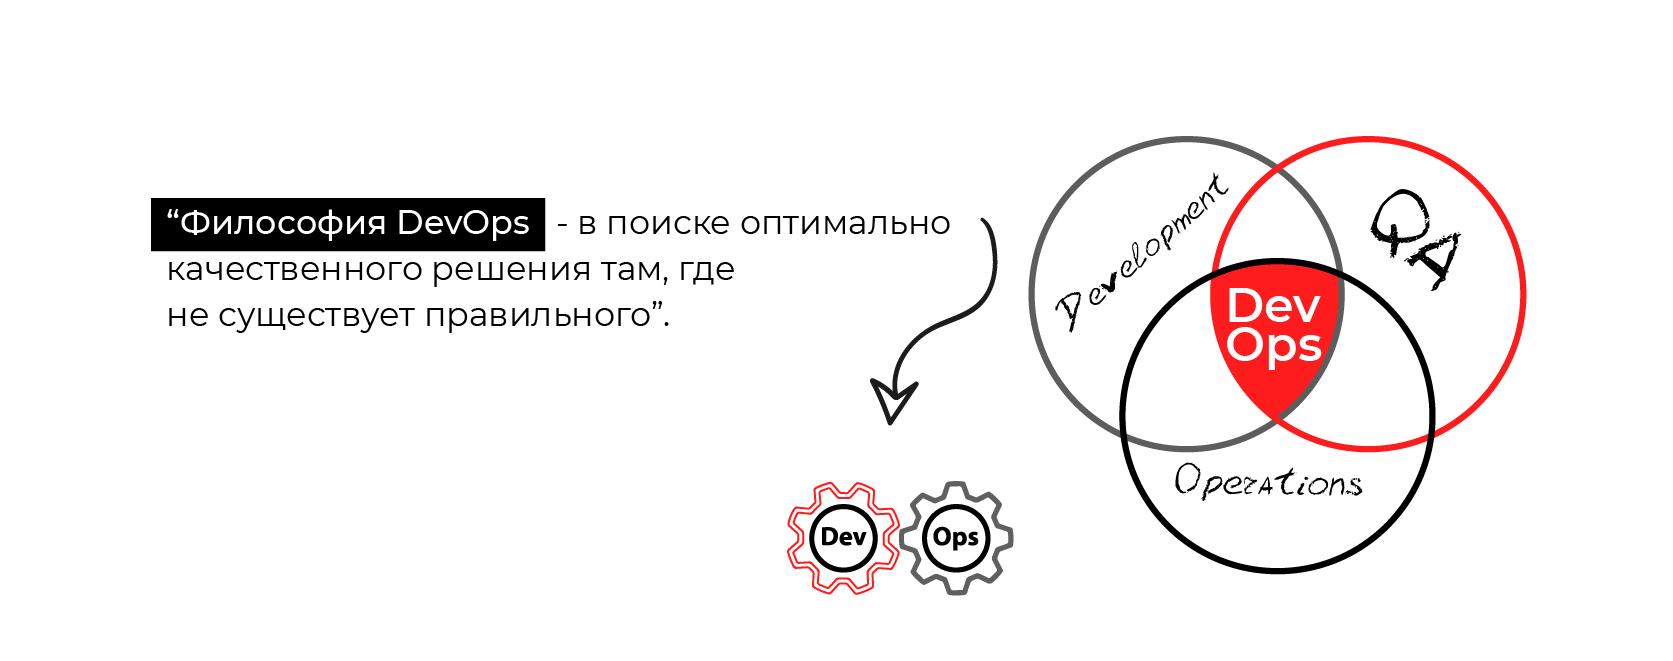 Философия Devops инженеров